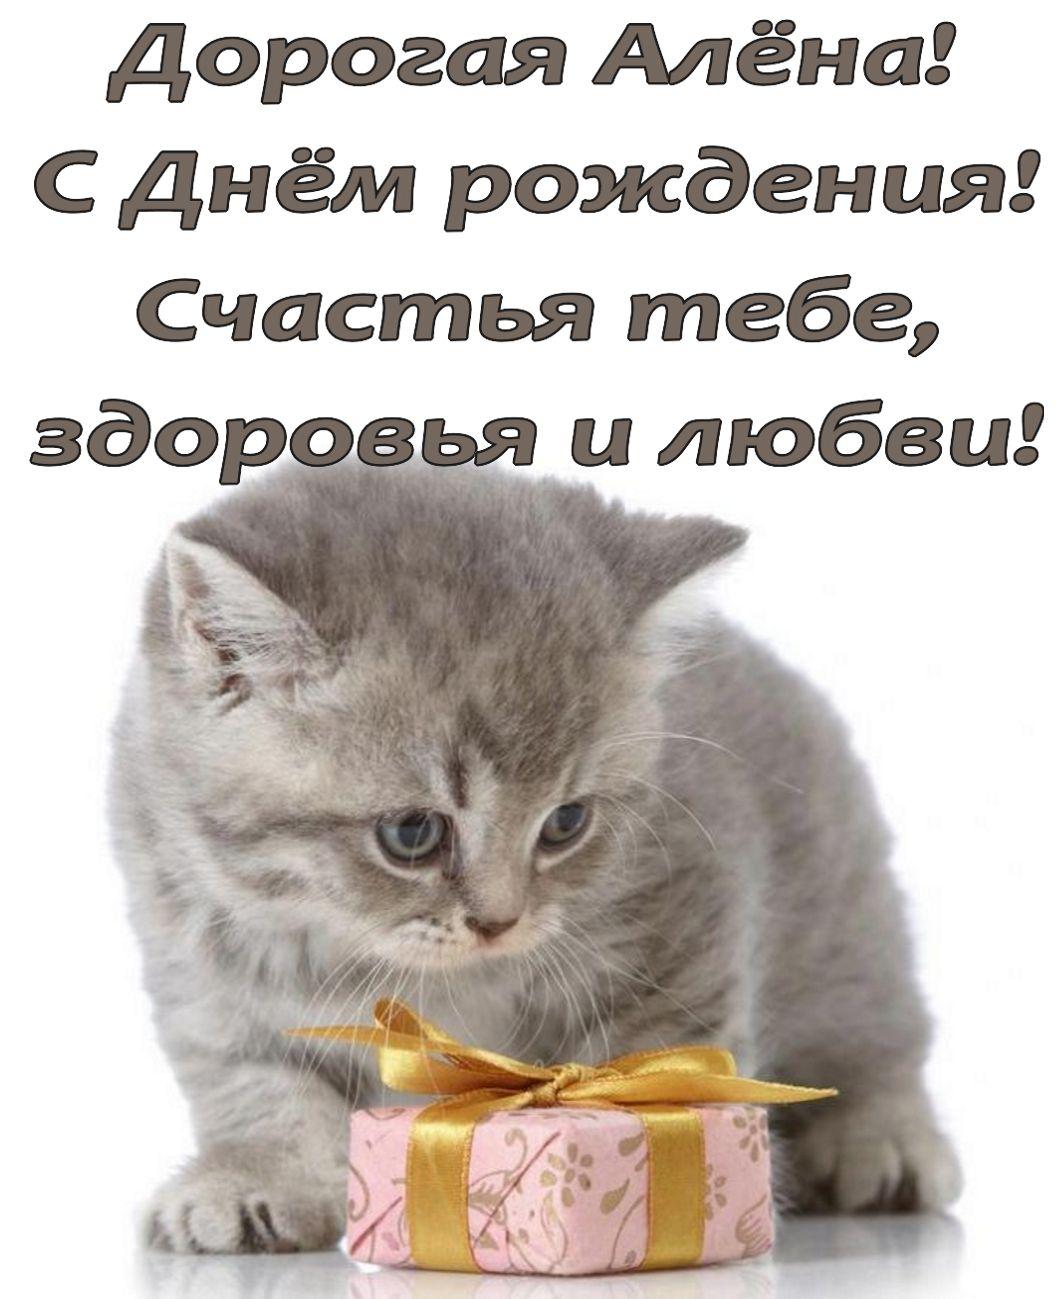 Поздравления с днем рождения с котиком 11